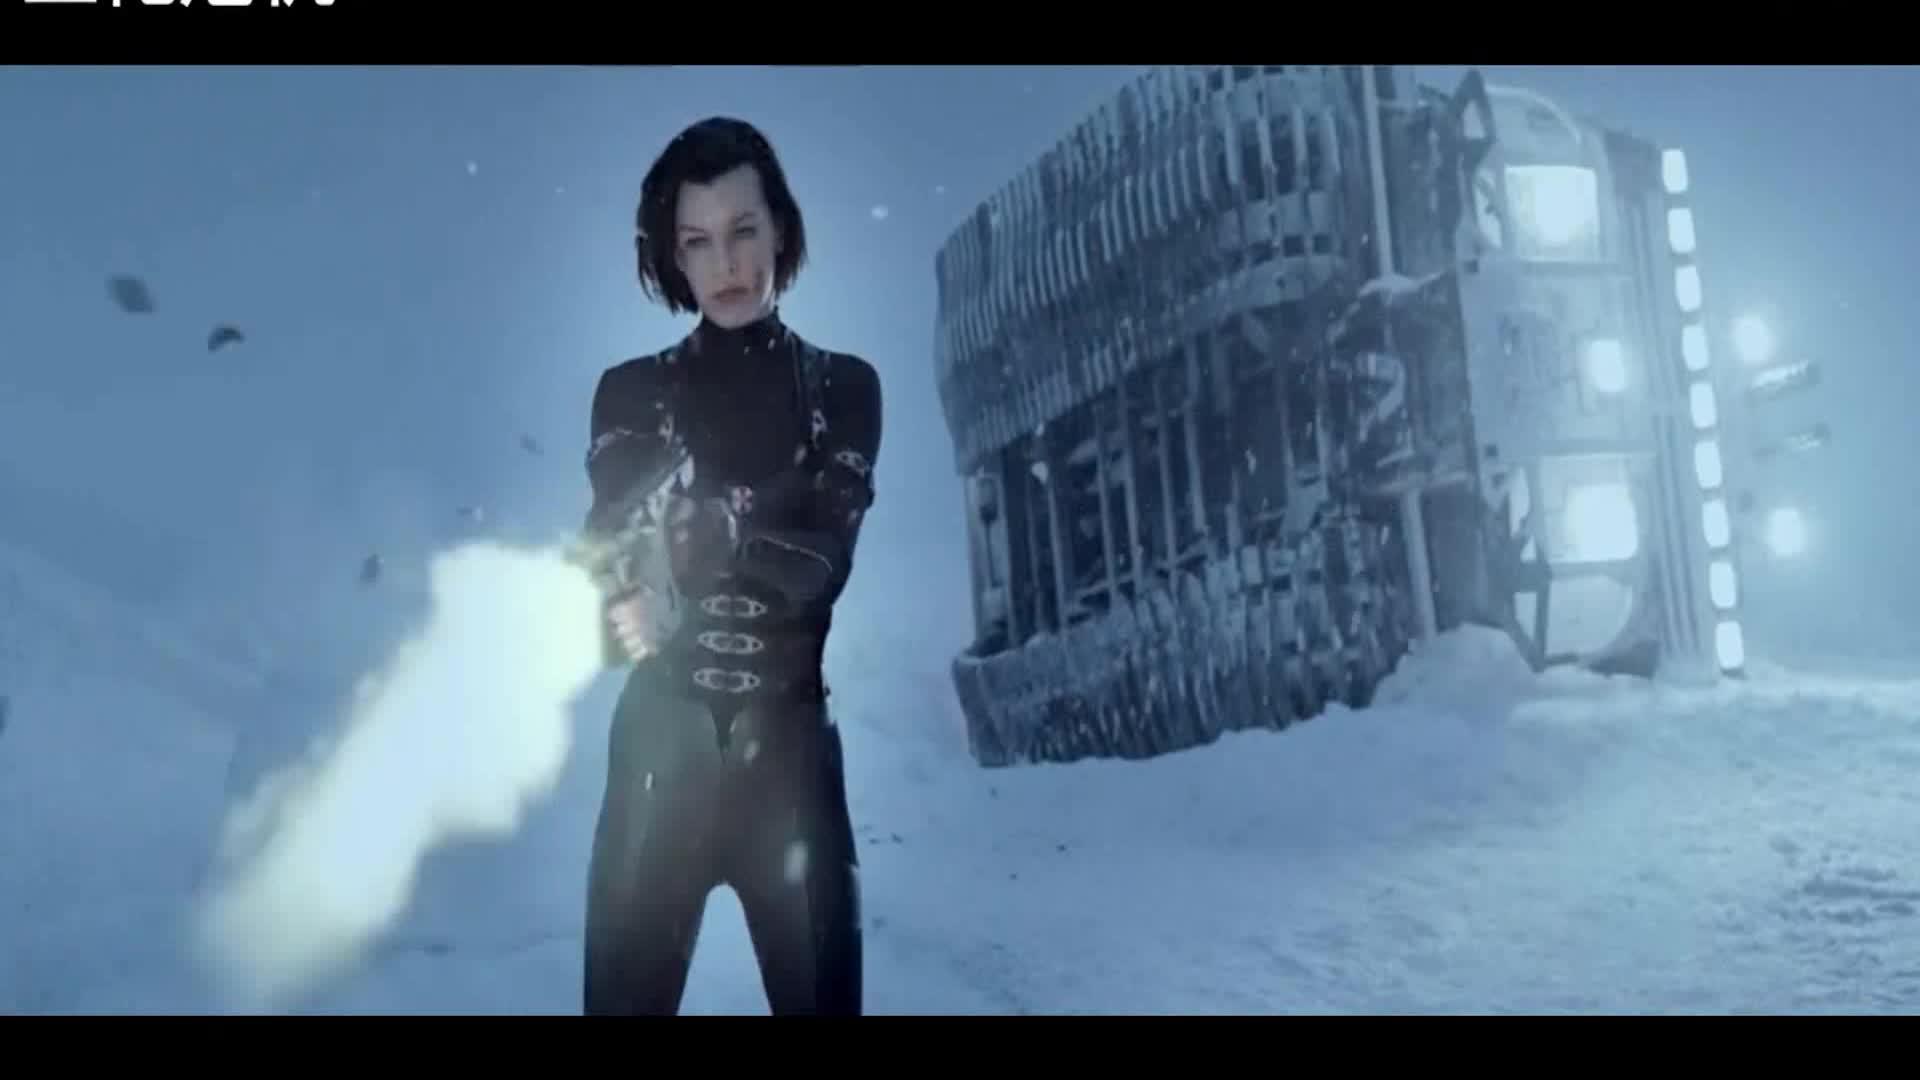 #高能 电影片段#没想到不怕子弹的美女最后是这个死法